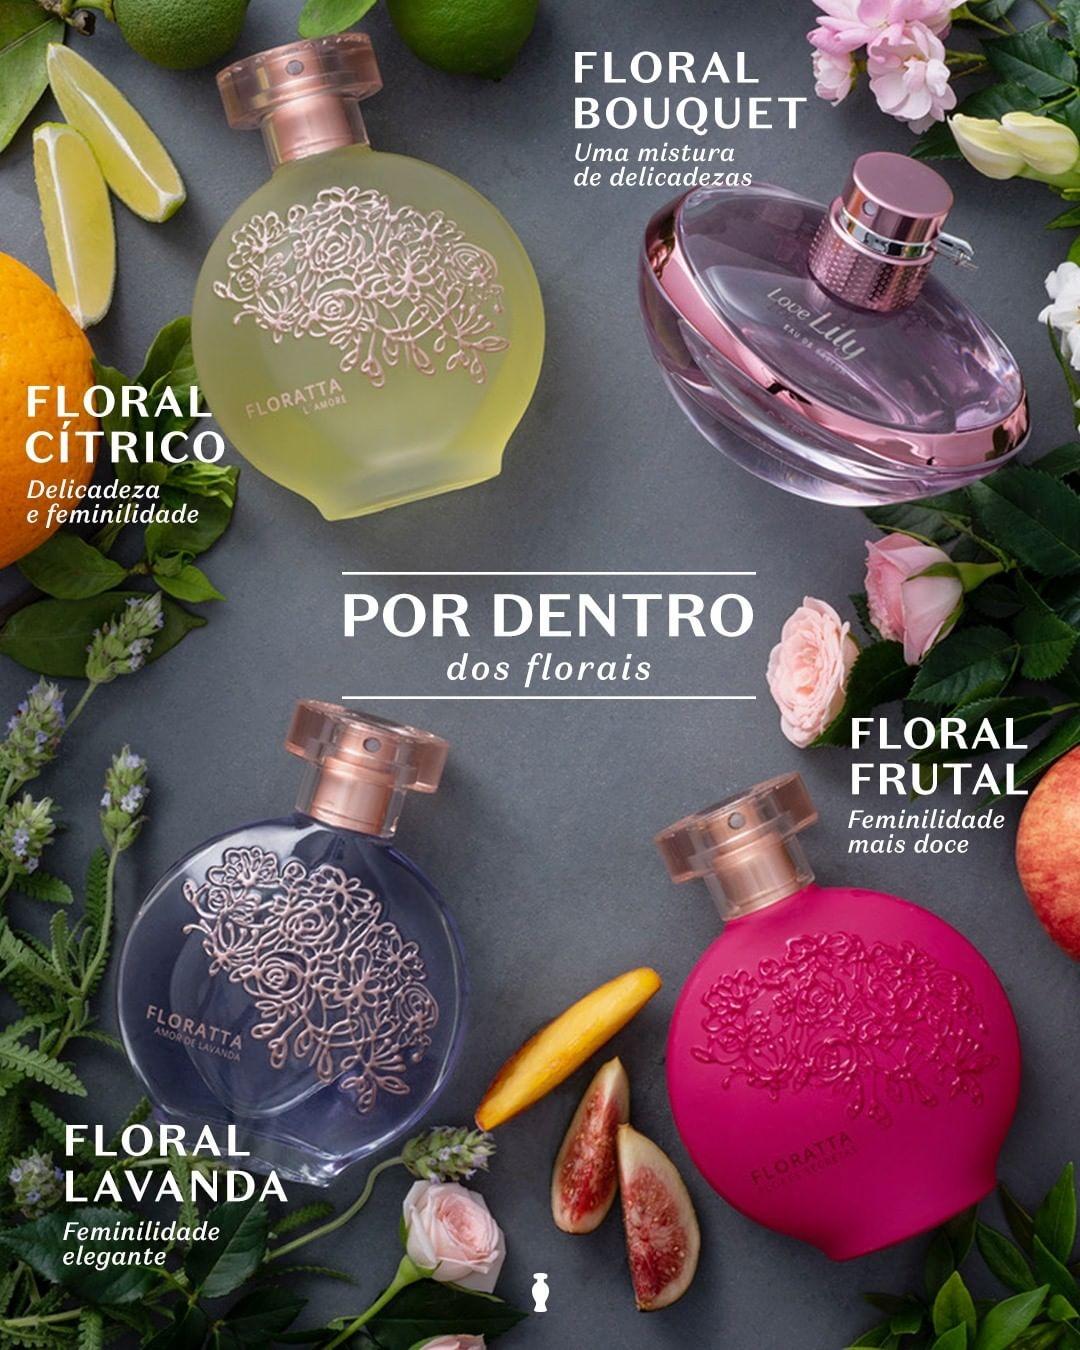 Fragrâncias florais do Boticário